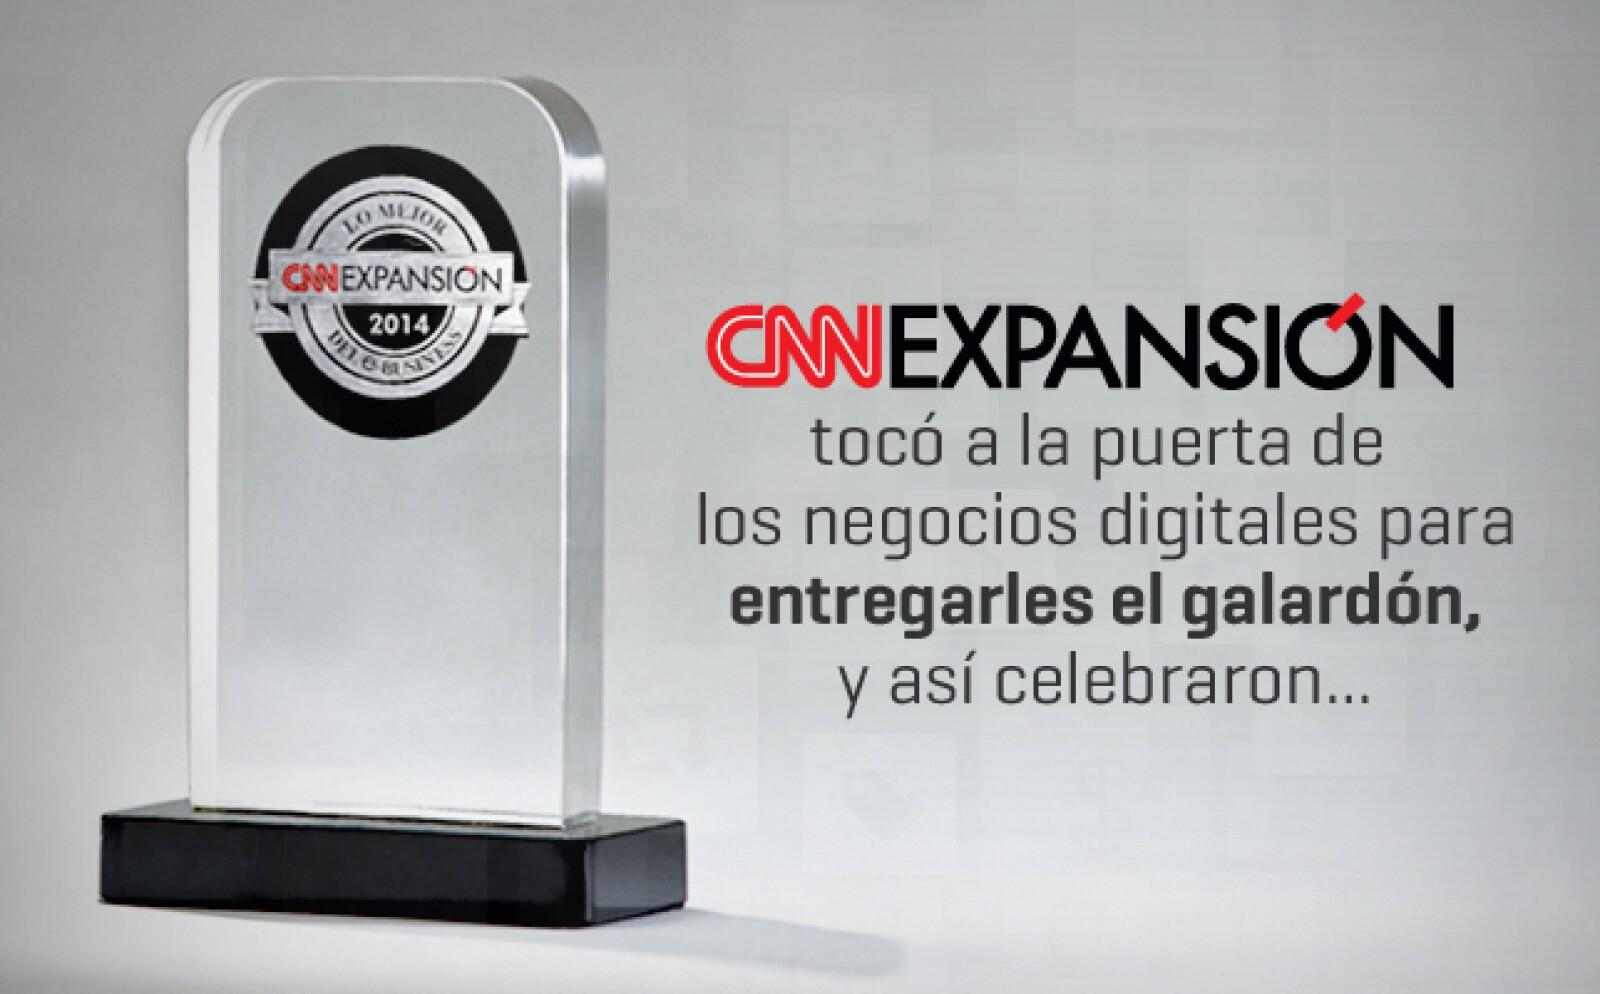 El miércoles 12 de noviembre CNNExpansión entregó el premio a los mejores e-business. . Un jurado y un Consejo Consultivo se encargaron de seleccionar a los triunfadores y de vigilar el proceso.